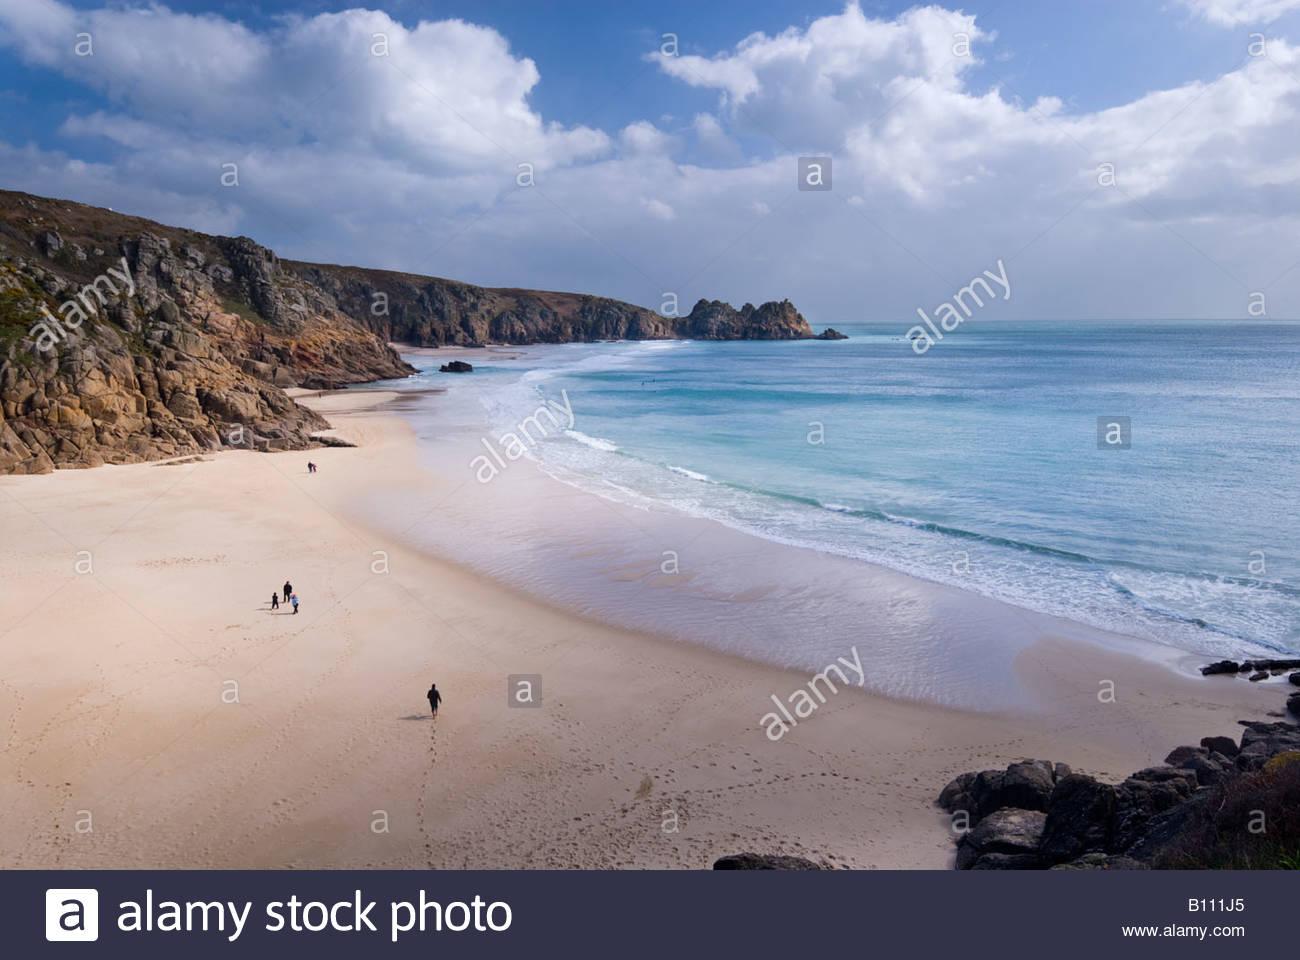 La gente sulla spiaggia al Porthcurno, West Cornwall, Inghilterra, Regno Unito. Immagini Stock